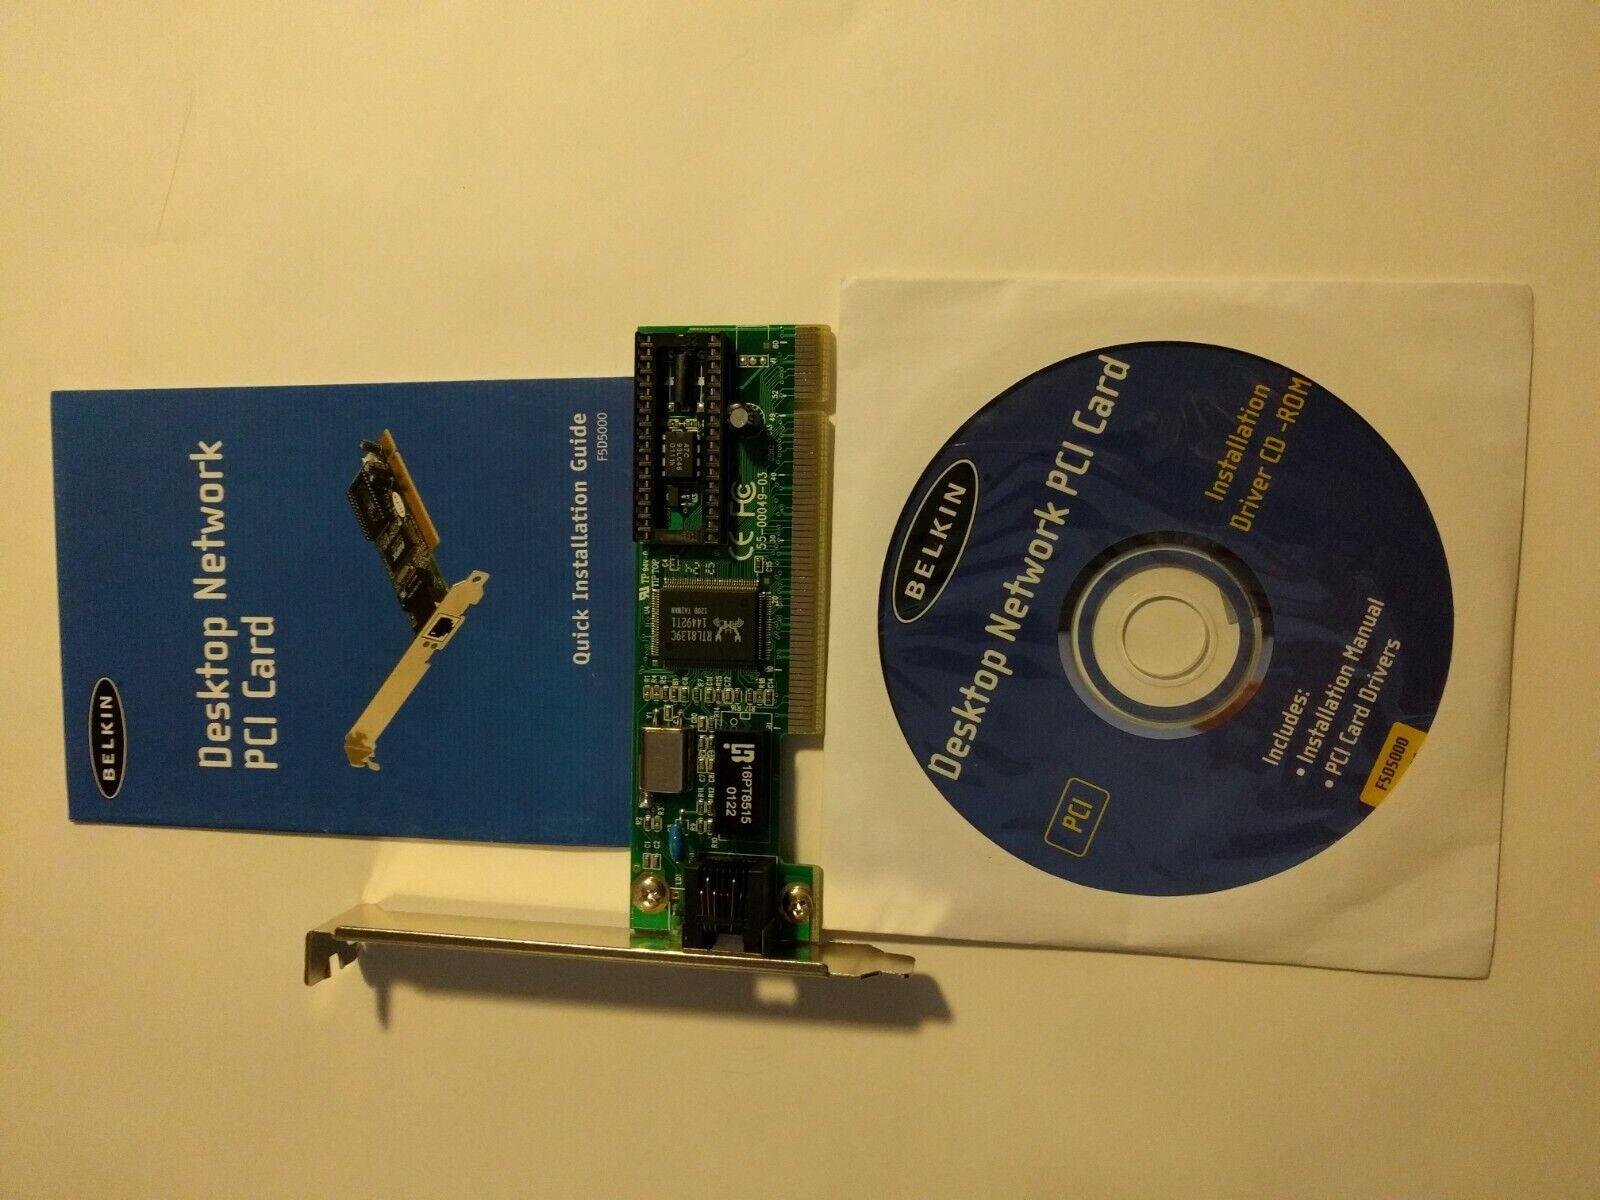 Desktop Network PCI Card. BELKIN.